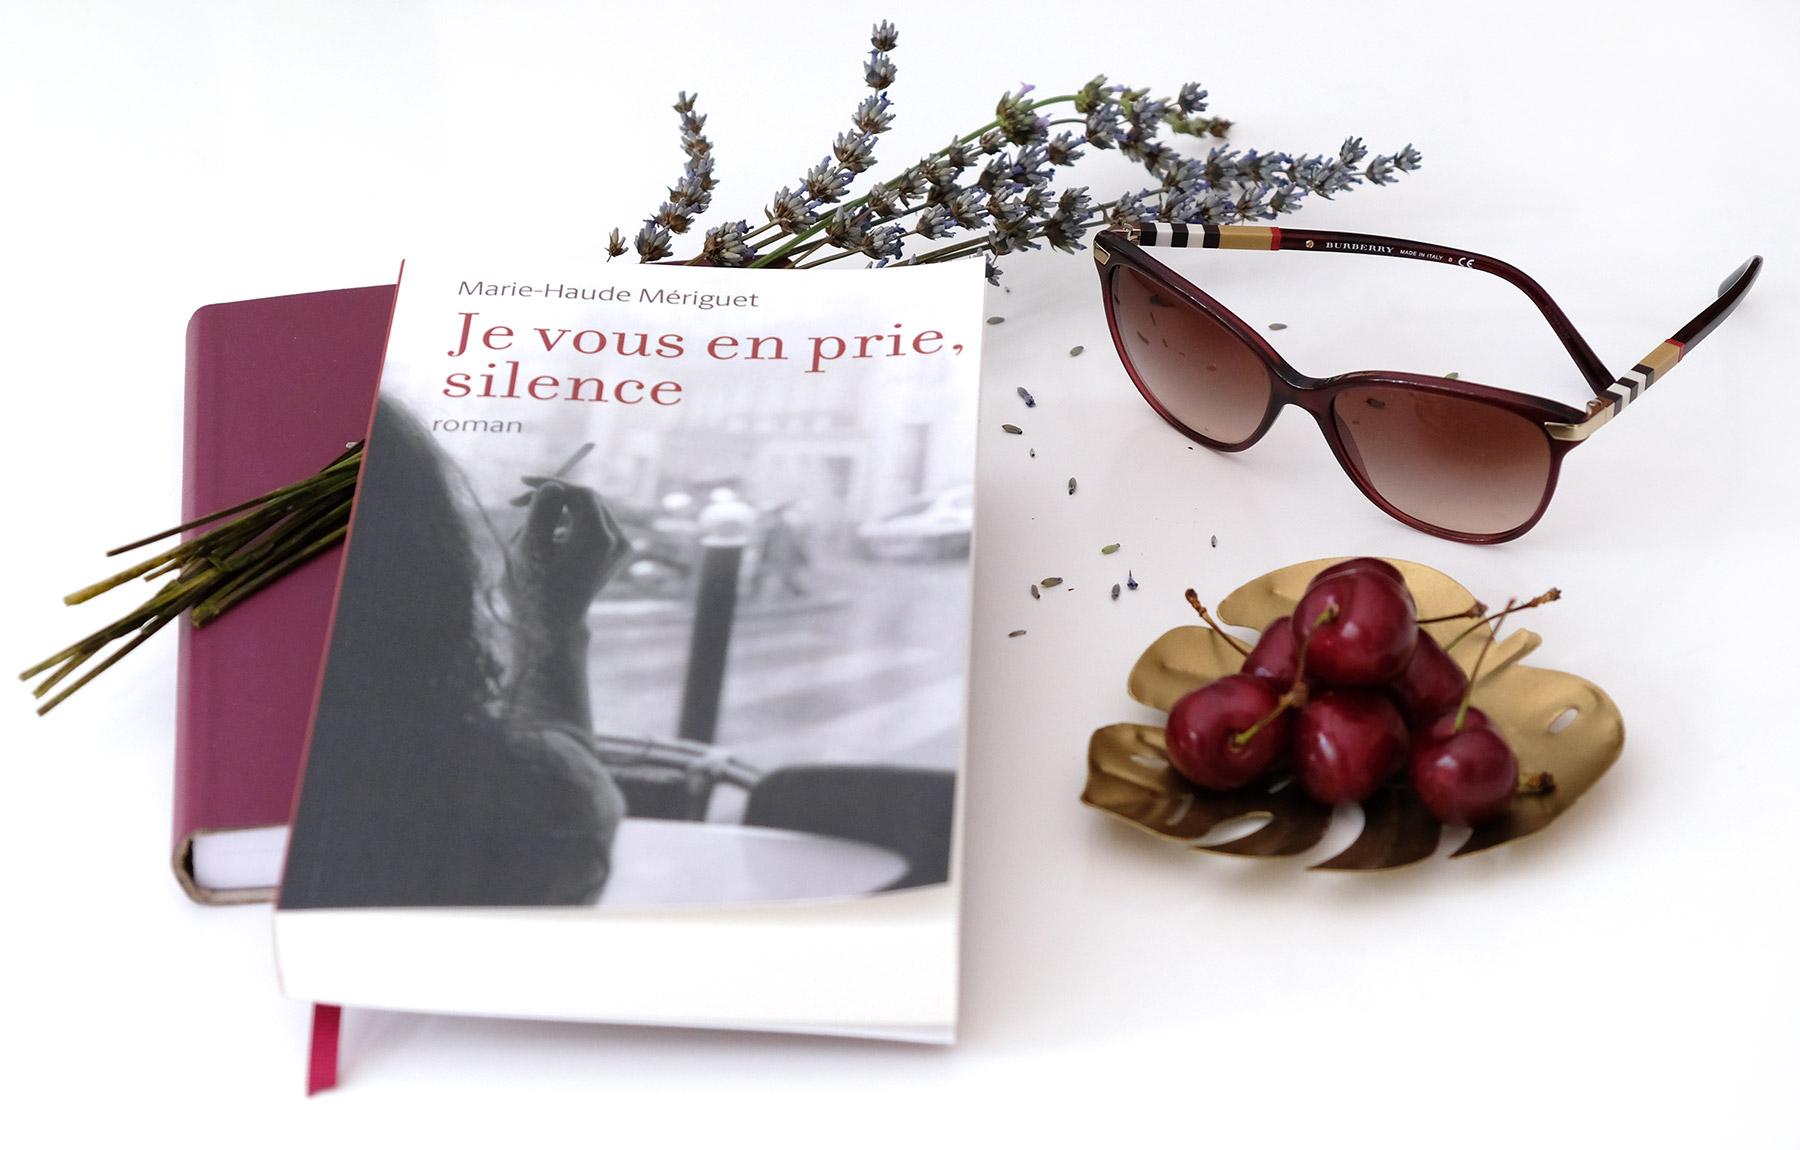 Je vous en prie, silence, premier roman auto-édité de Marie-Haude Mériguet